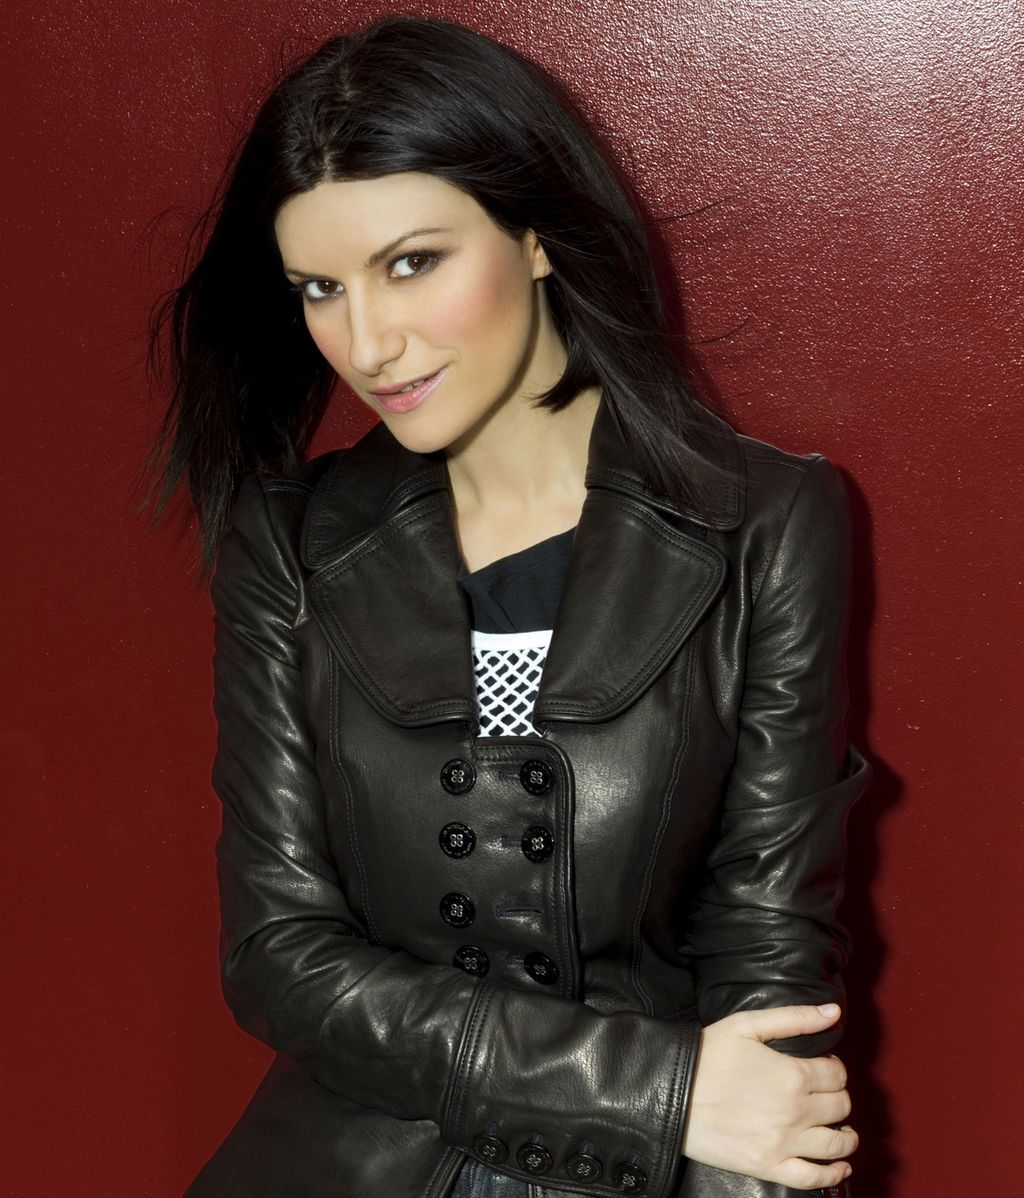 La estrella internacional de la música Laura Pausini, en el jurado de 'Factor X'